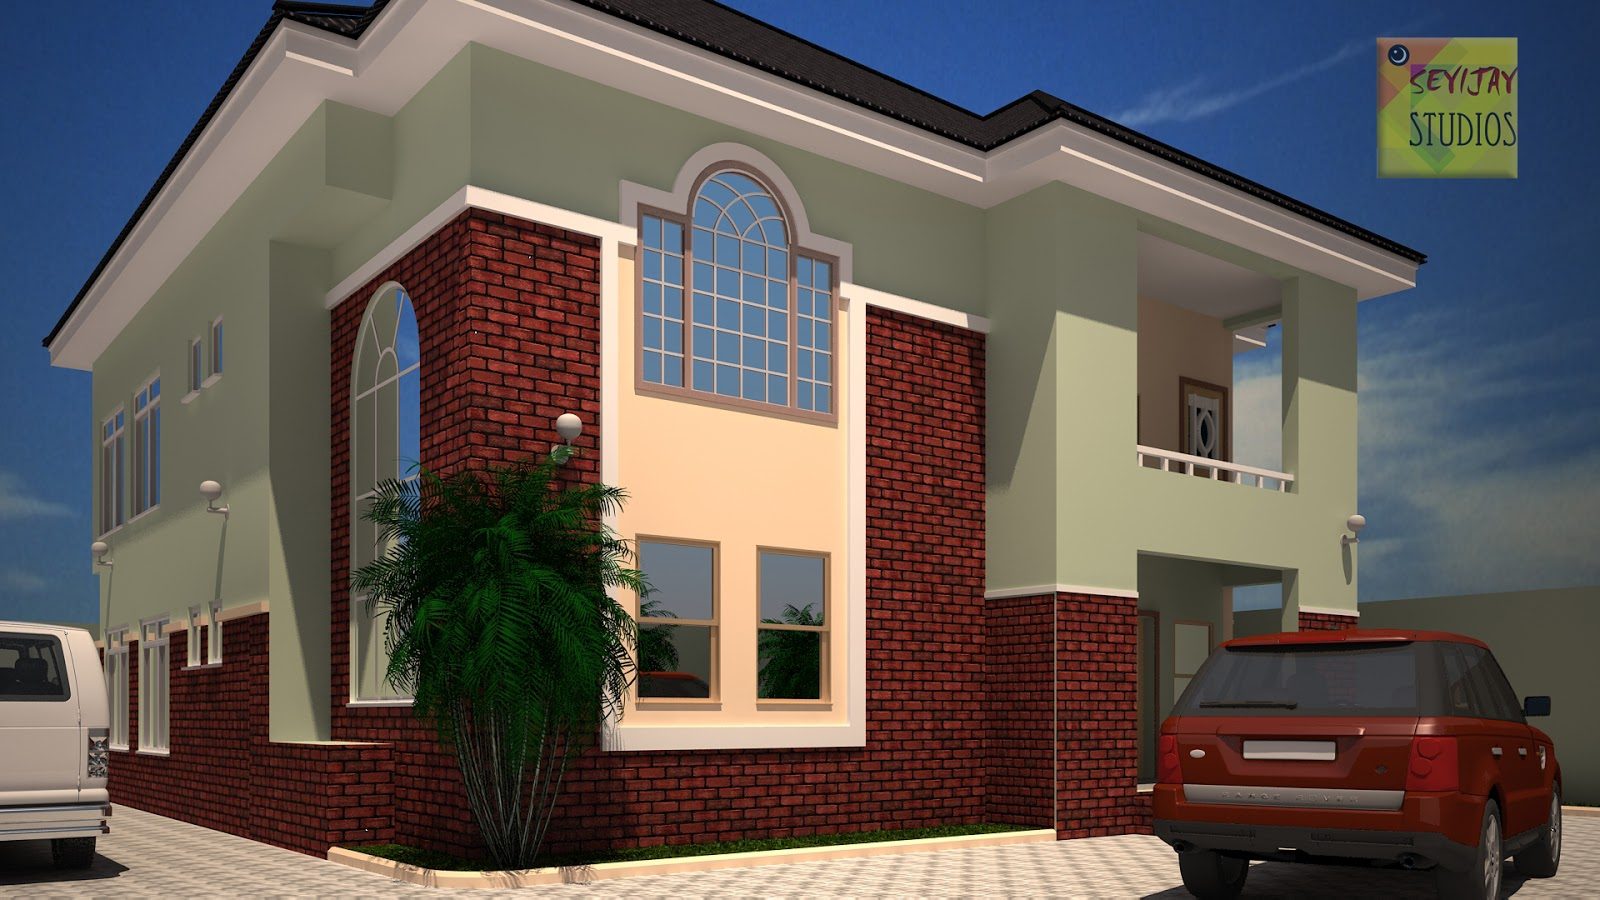 Latest Architectural Design latest architectural design - home design